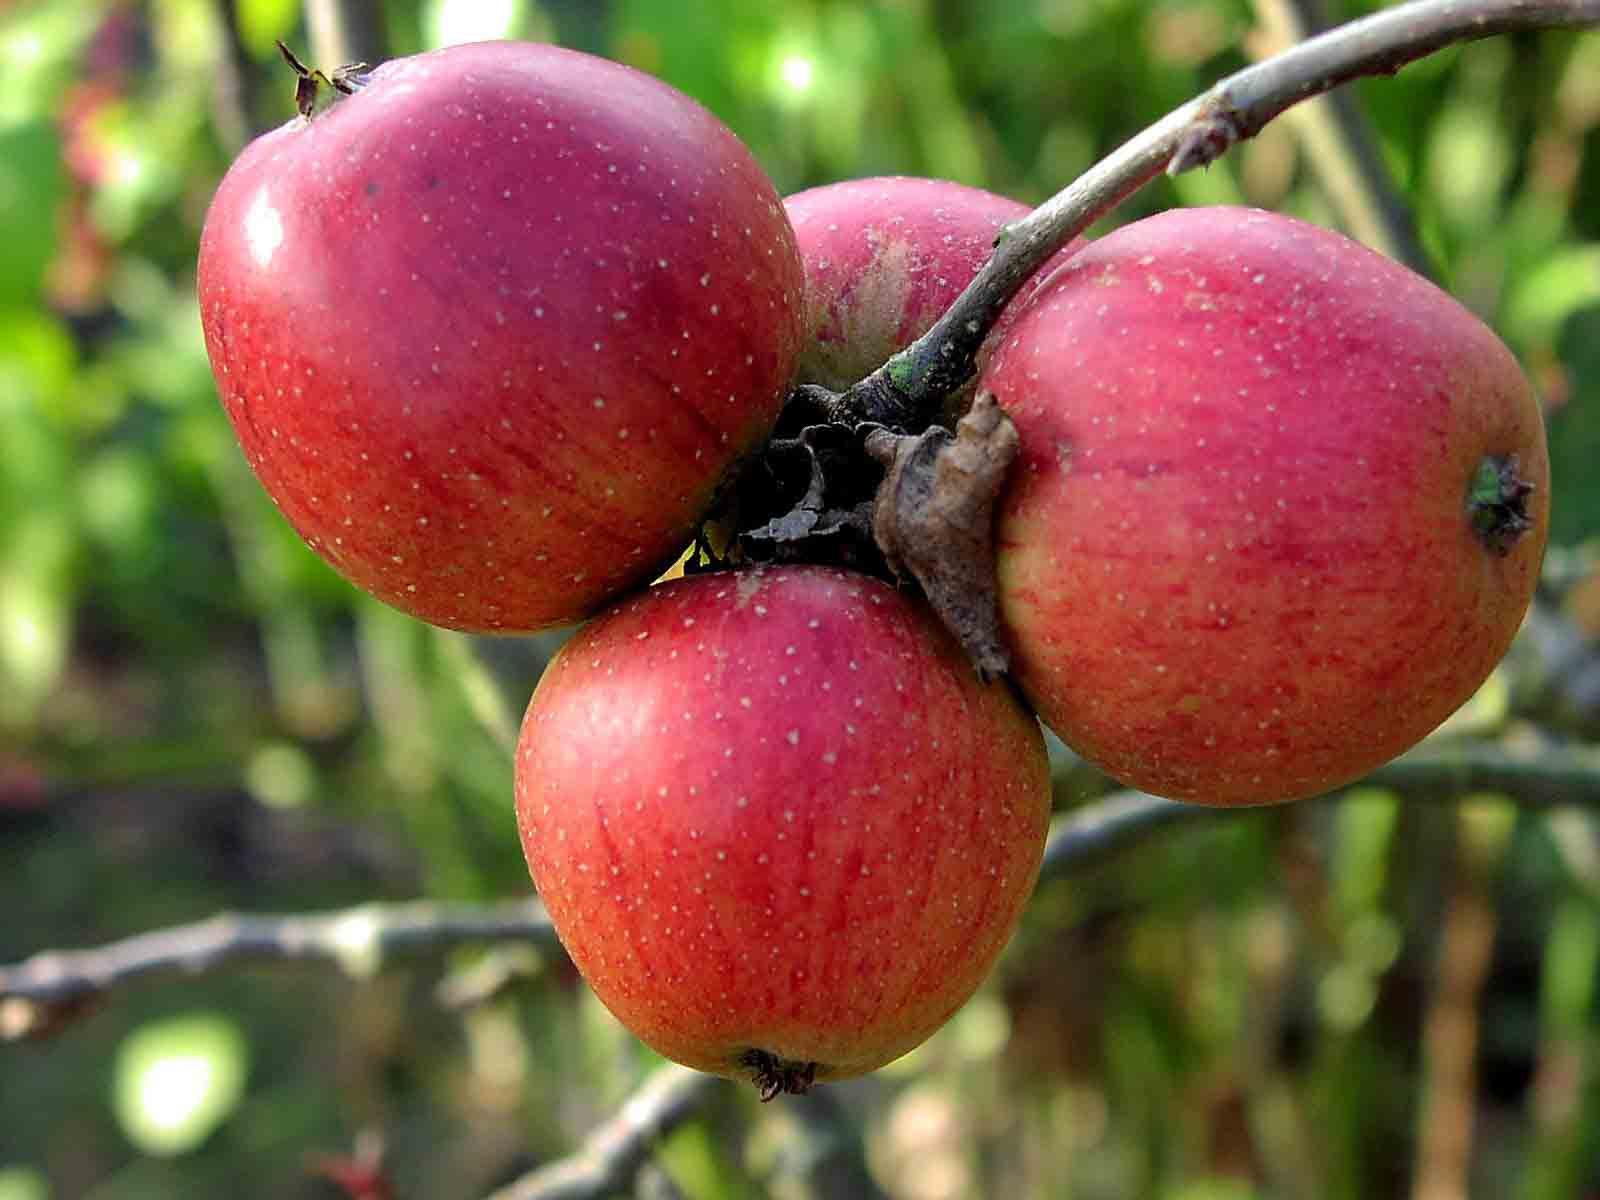 Яблоко от яблони часть 3 12 фотография